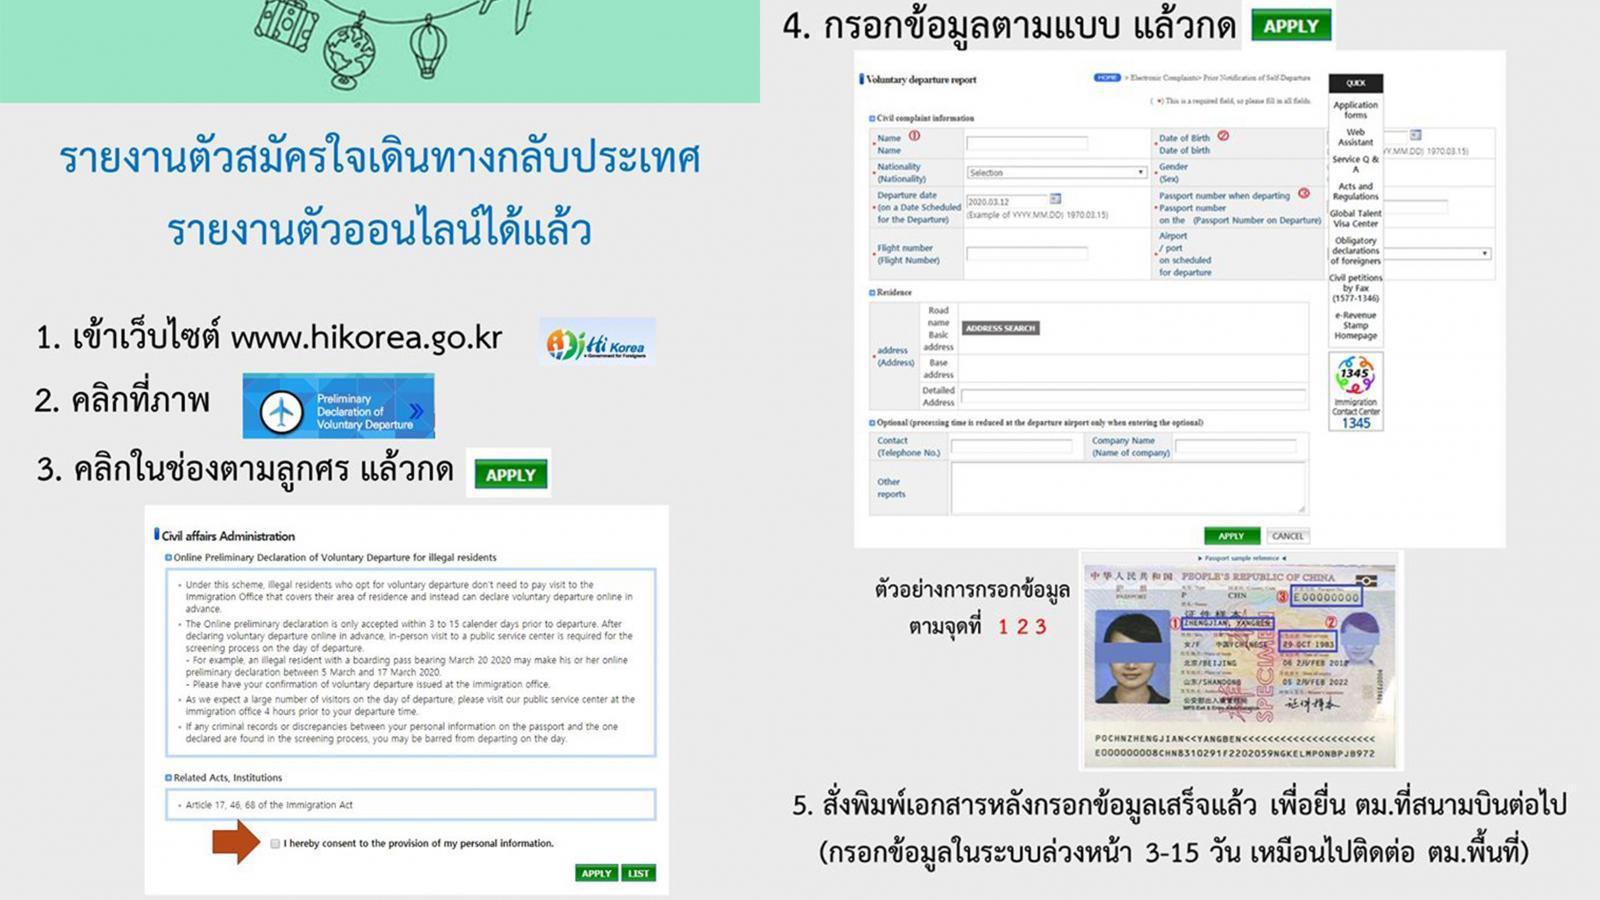 เปิดช่องทางออนไลน์ แนะ แรงงานไทยในเกาหลีใต้ สมัครใจกลับบ้าน